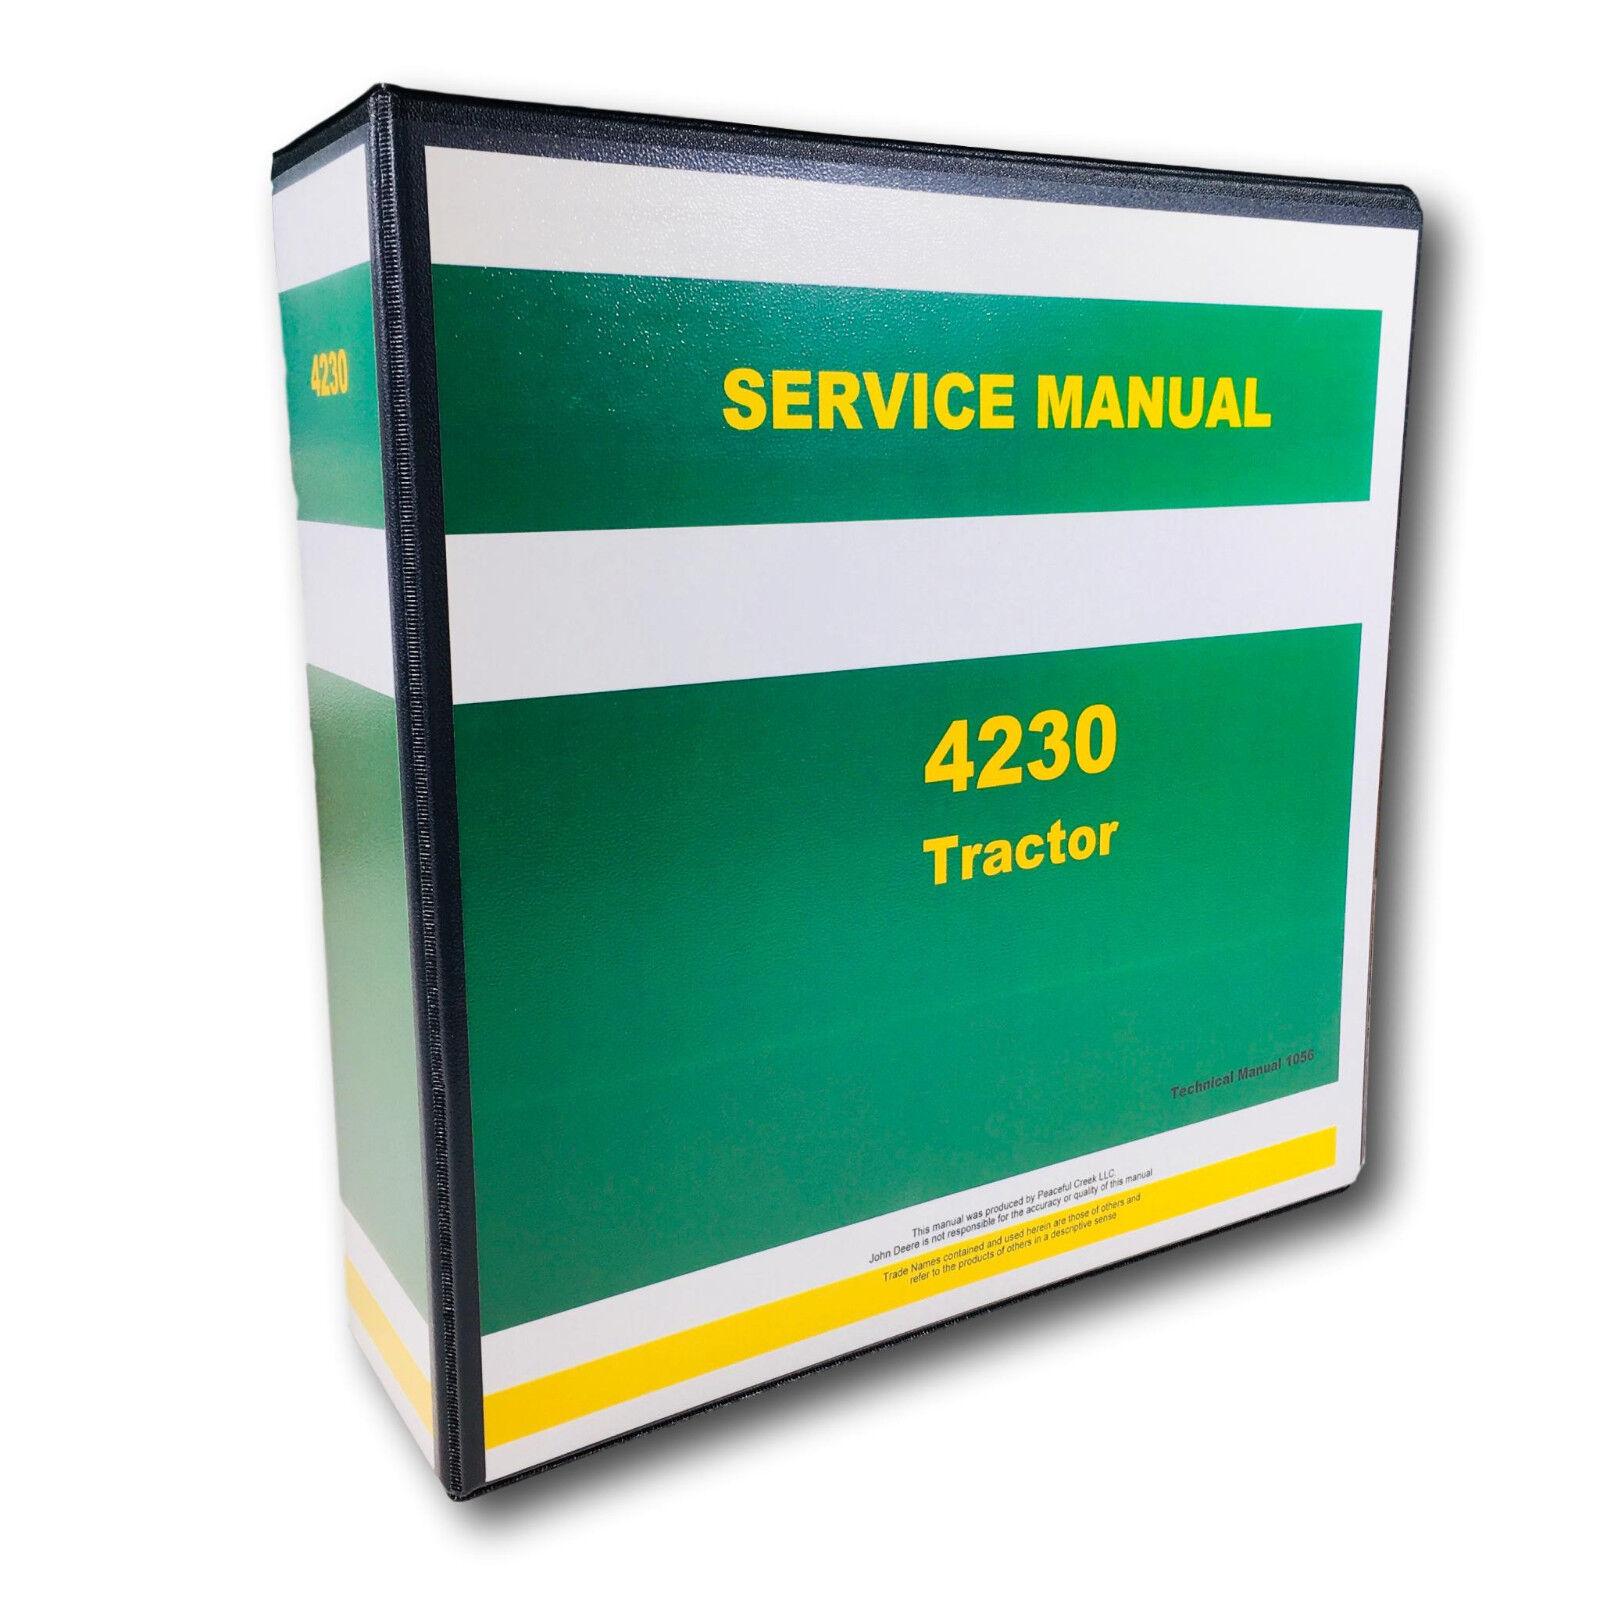 Complete Service/Repair/Overhaul Manual